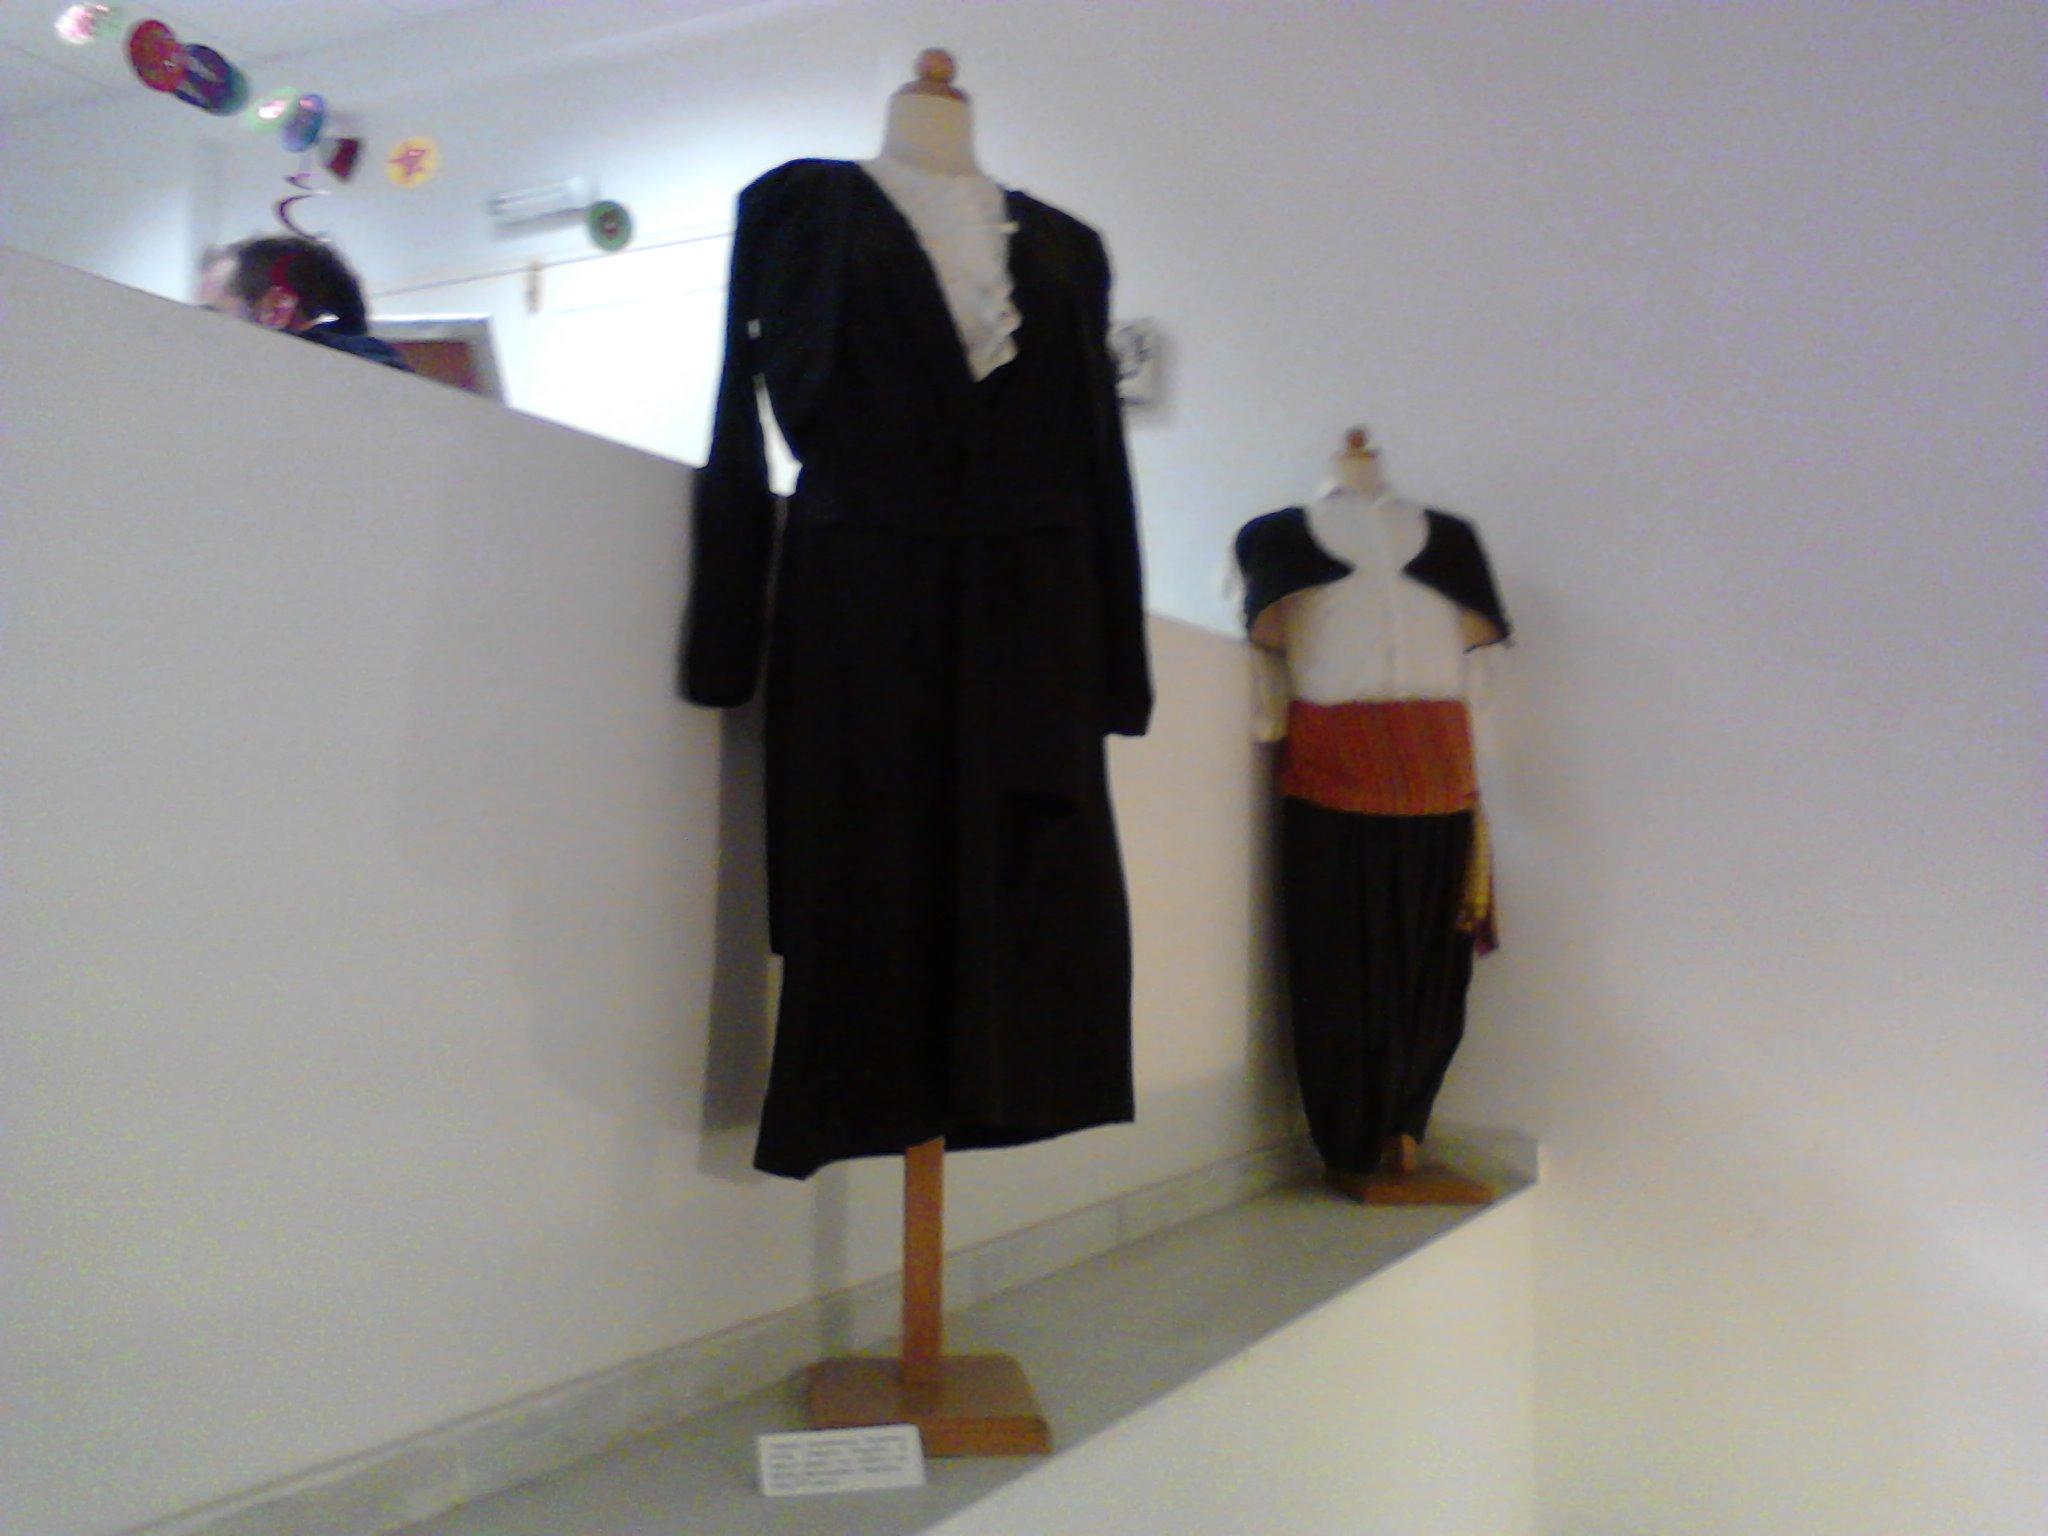 Η σαμιώτικη φορεσιά - 2ο Γυμνάσιο Σάμου - Πρόγραμμα Τοπικής Ιστορίας ΙΜΕ 90b7e06d333